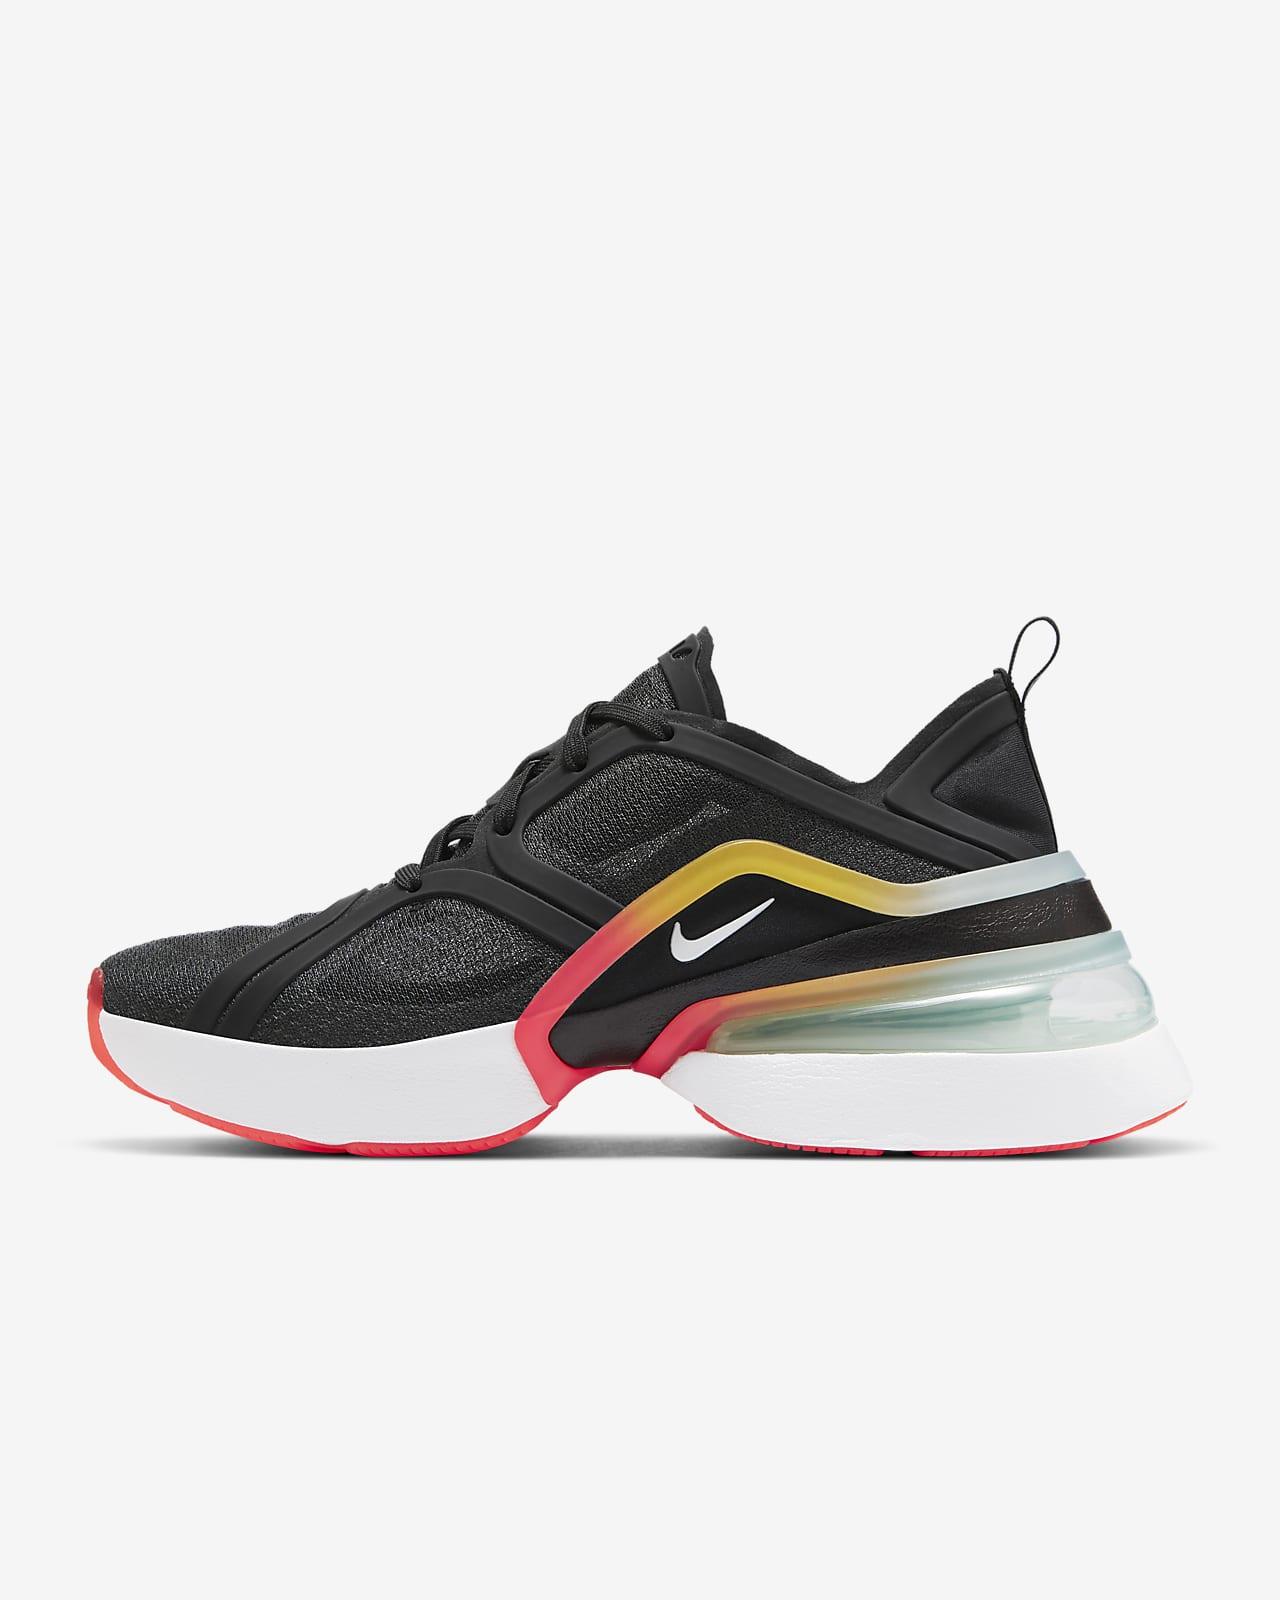 Nike Air Max 270 Philippine Donna